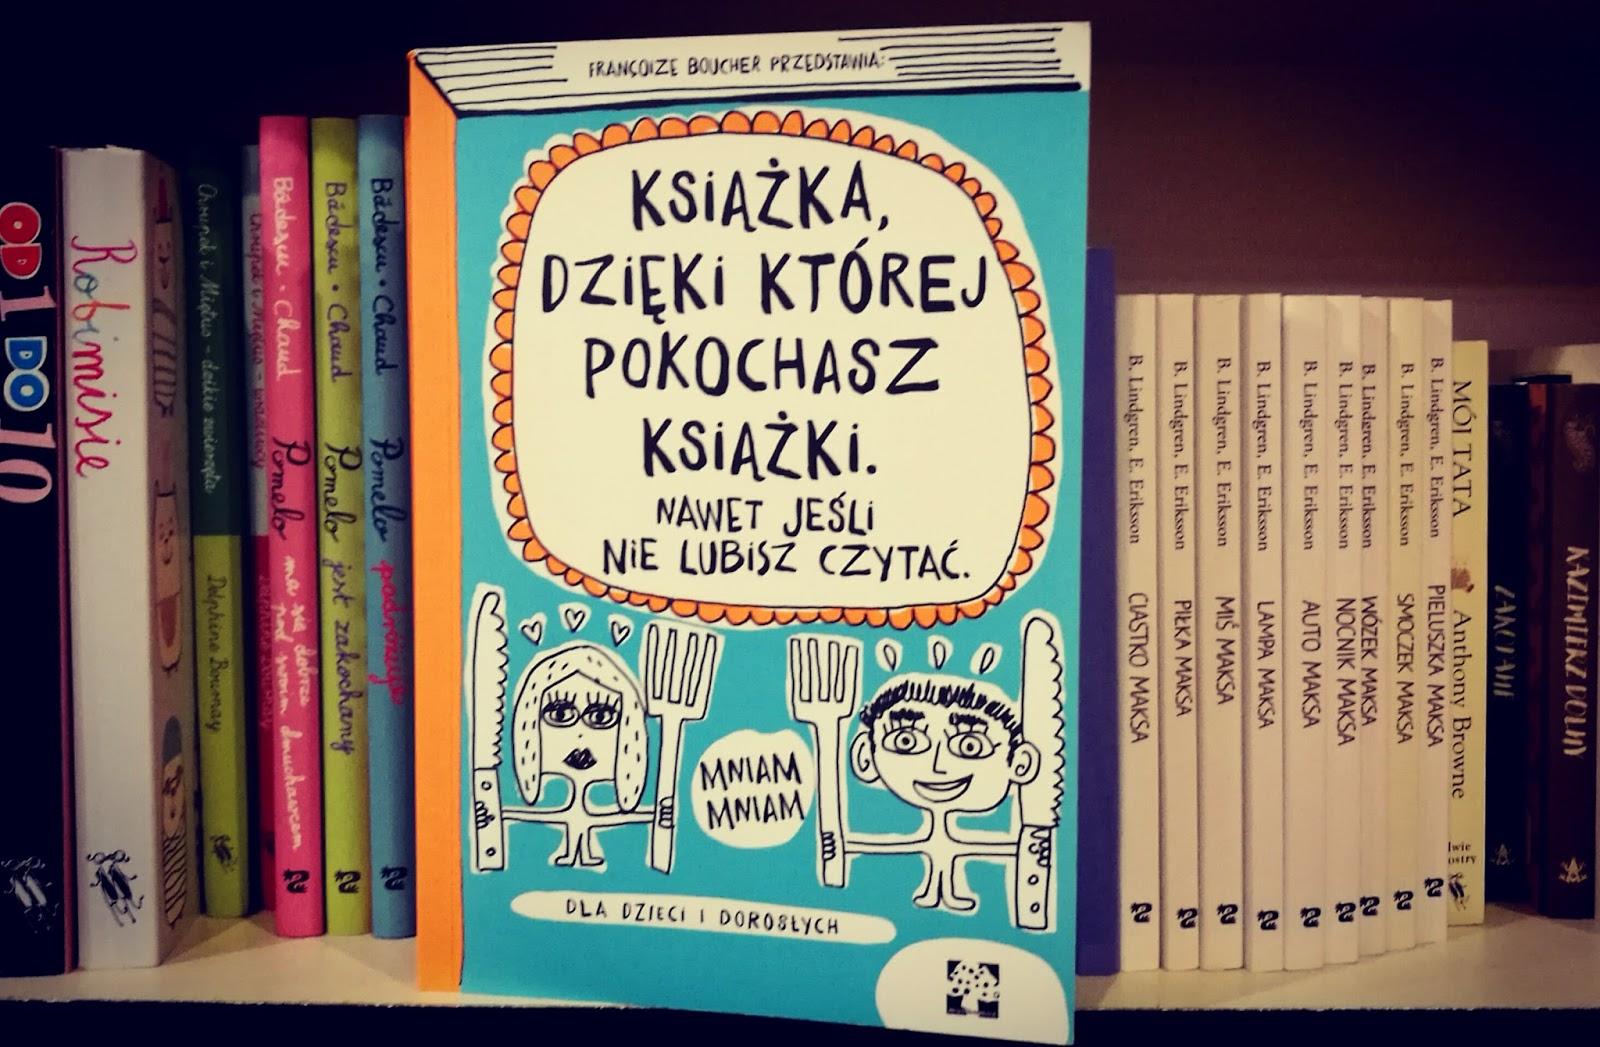 """KSIĄŻECZKA TYGODNIA: """"Książka, dzięki której pokochasz książki"""""""